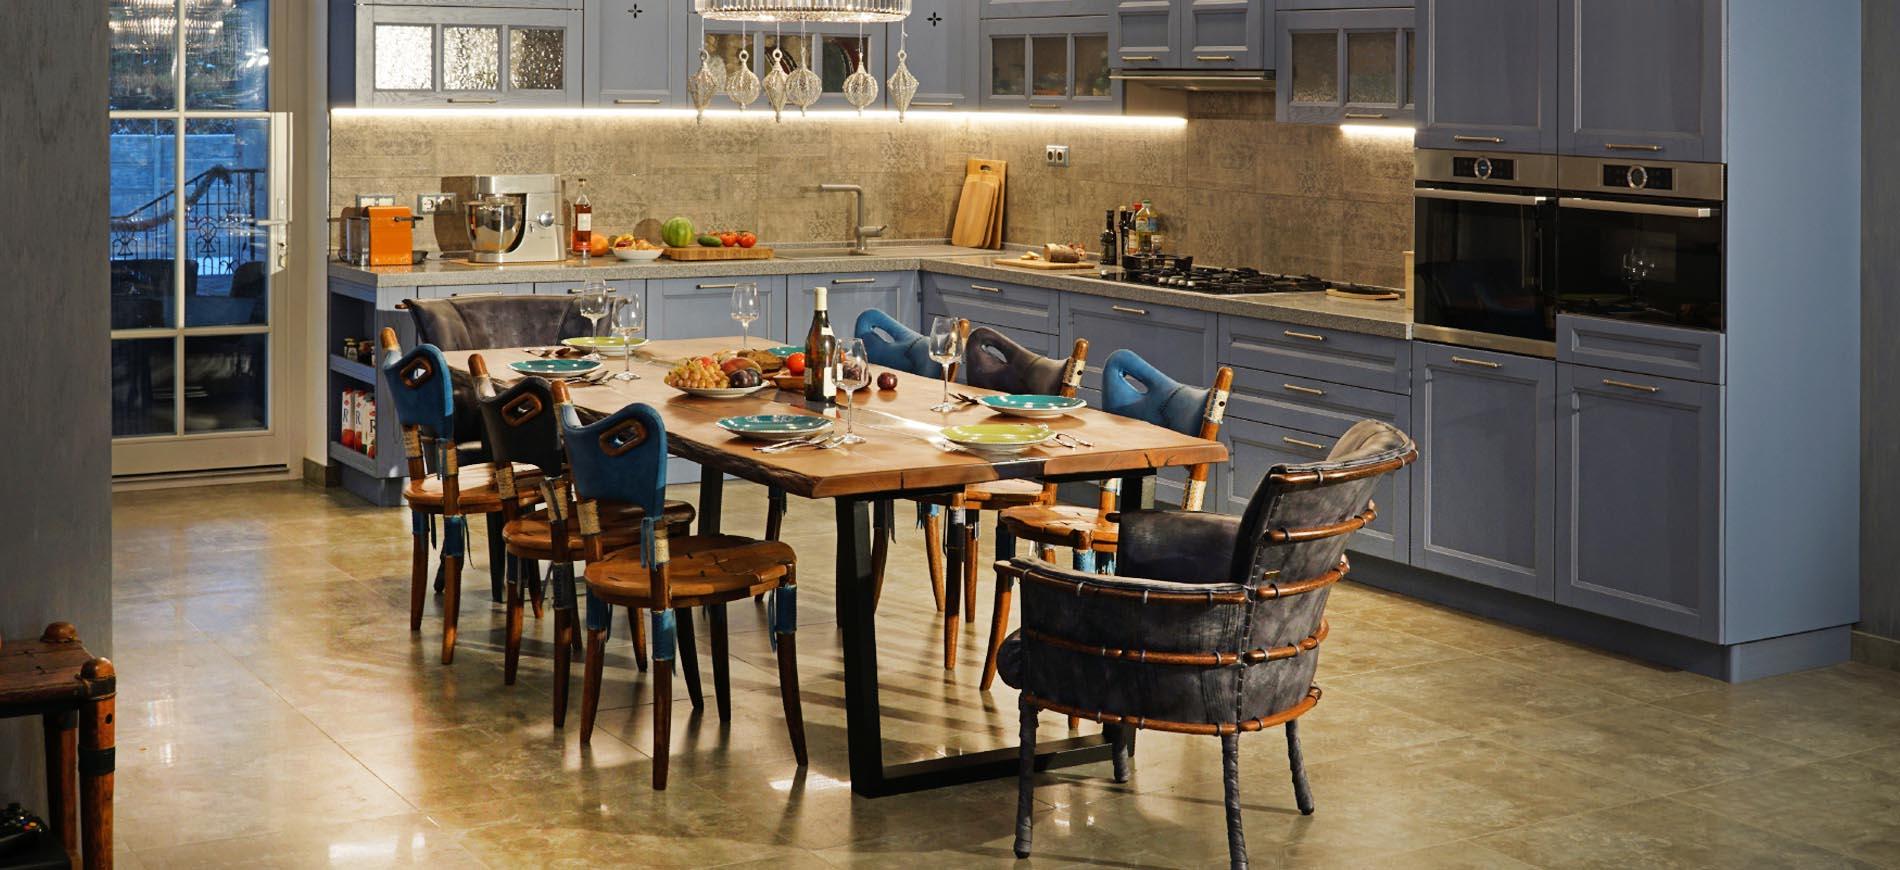 Дизайнерские кожаные стулья и столы из массива